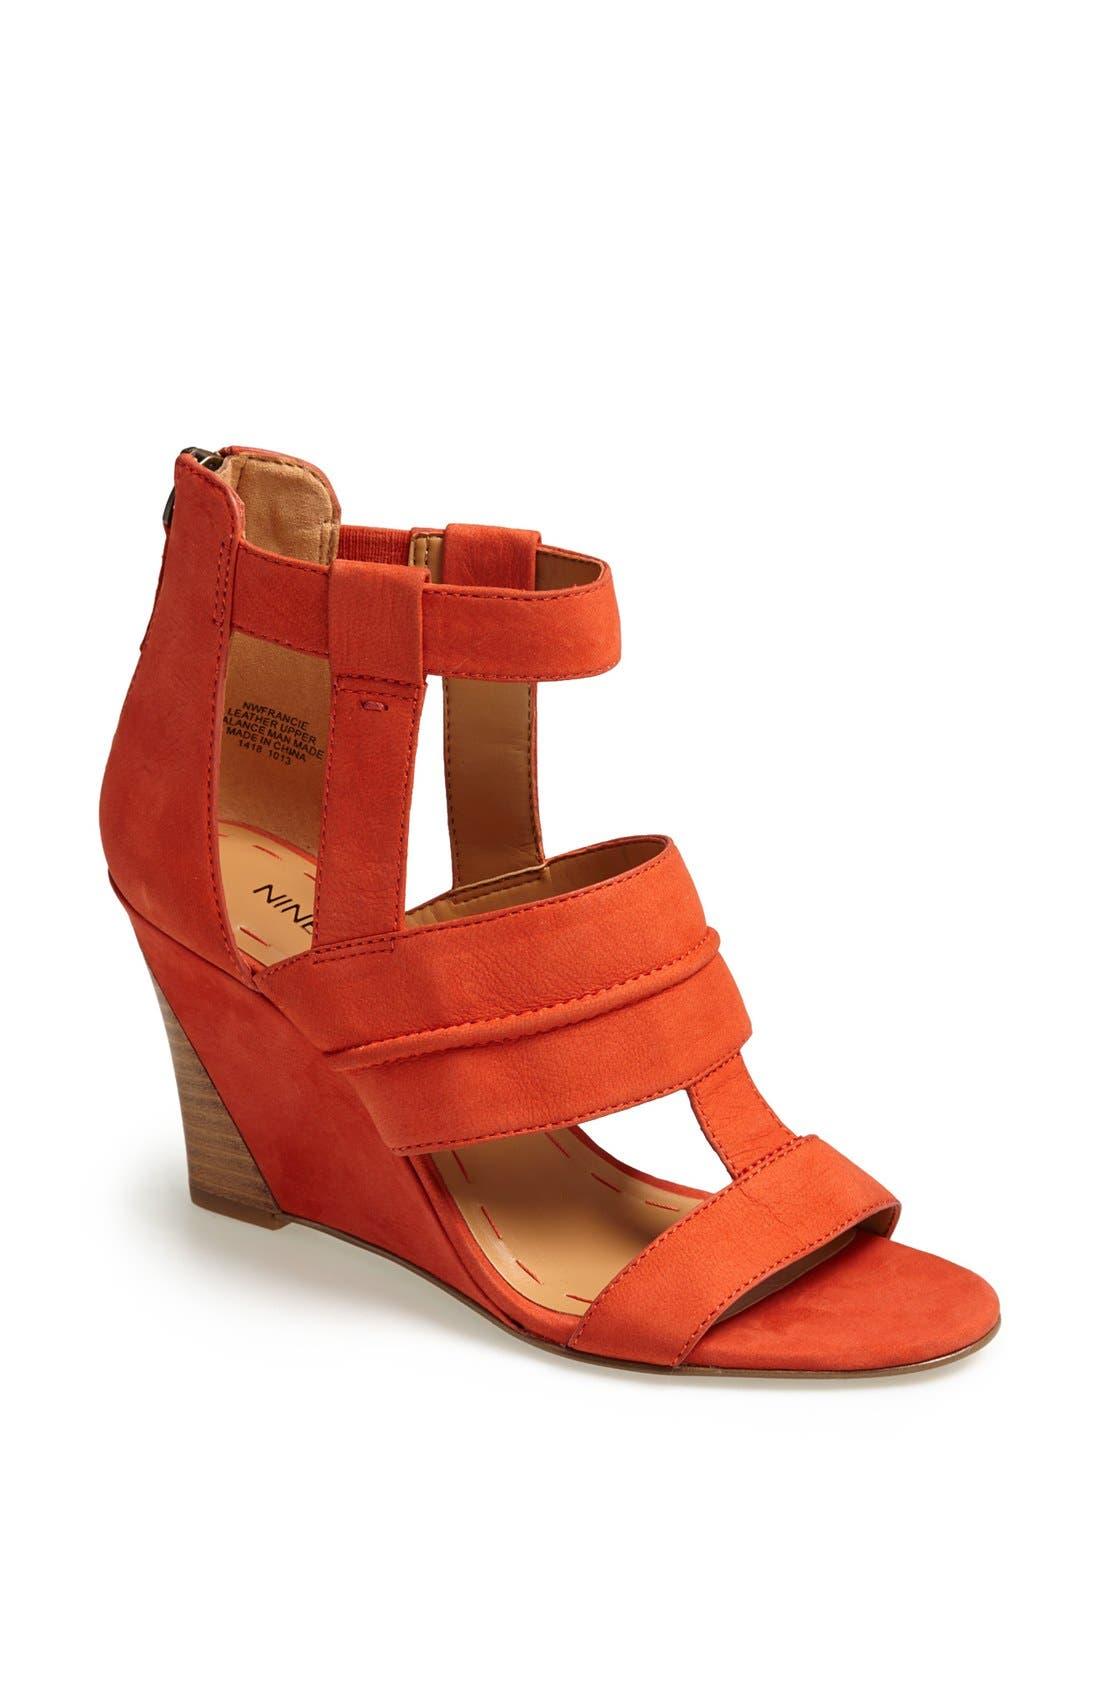 Alternate Image 1 Selected - Nine West 'Francie' Leather Sandal